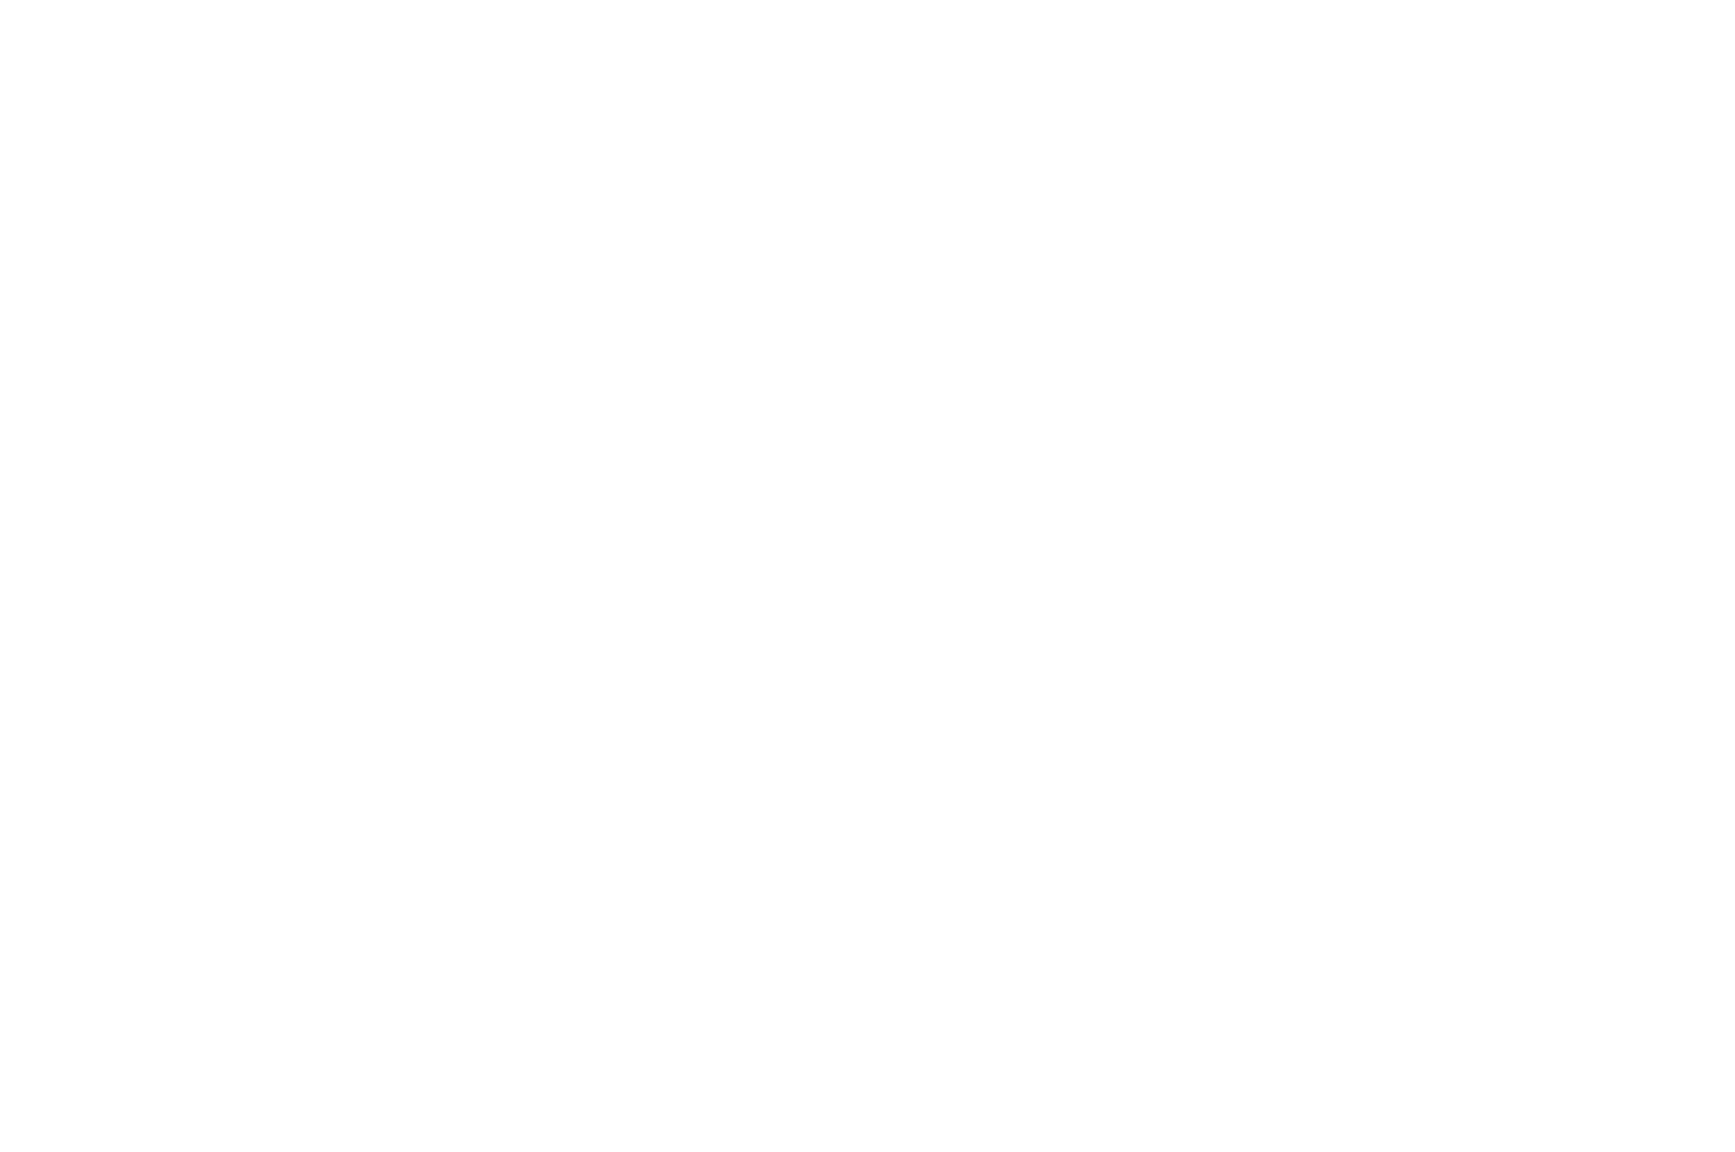 SEMI-FINALIST - Chicago Horror Film Festival - 2020